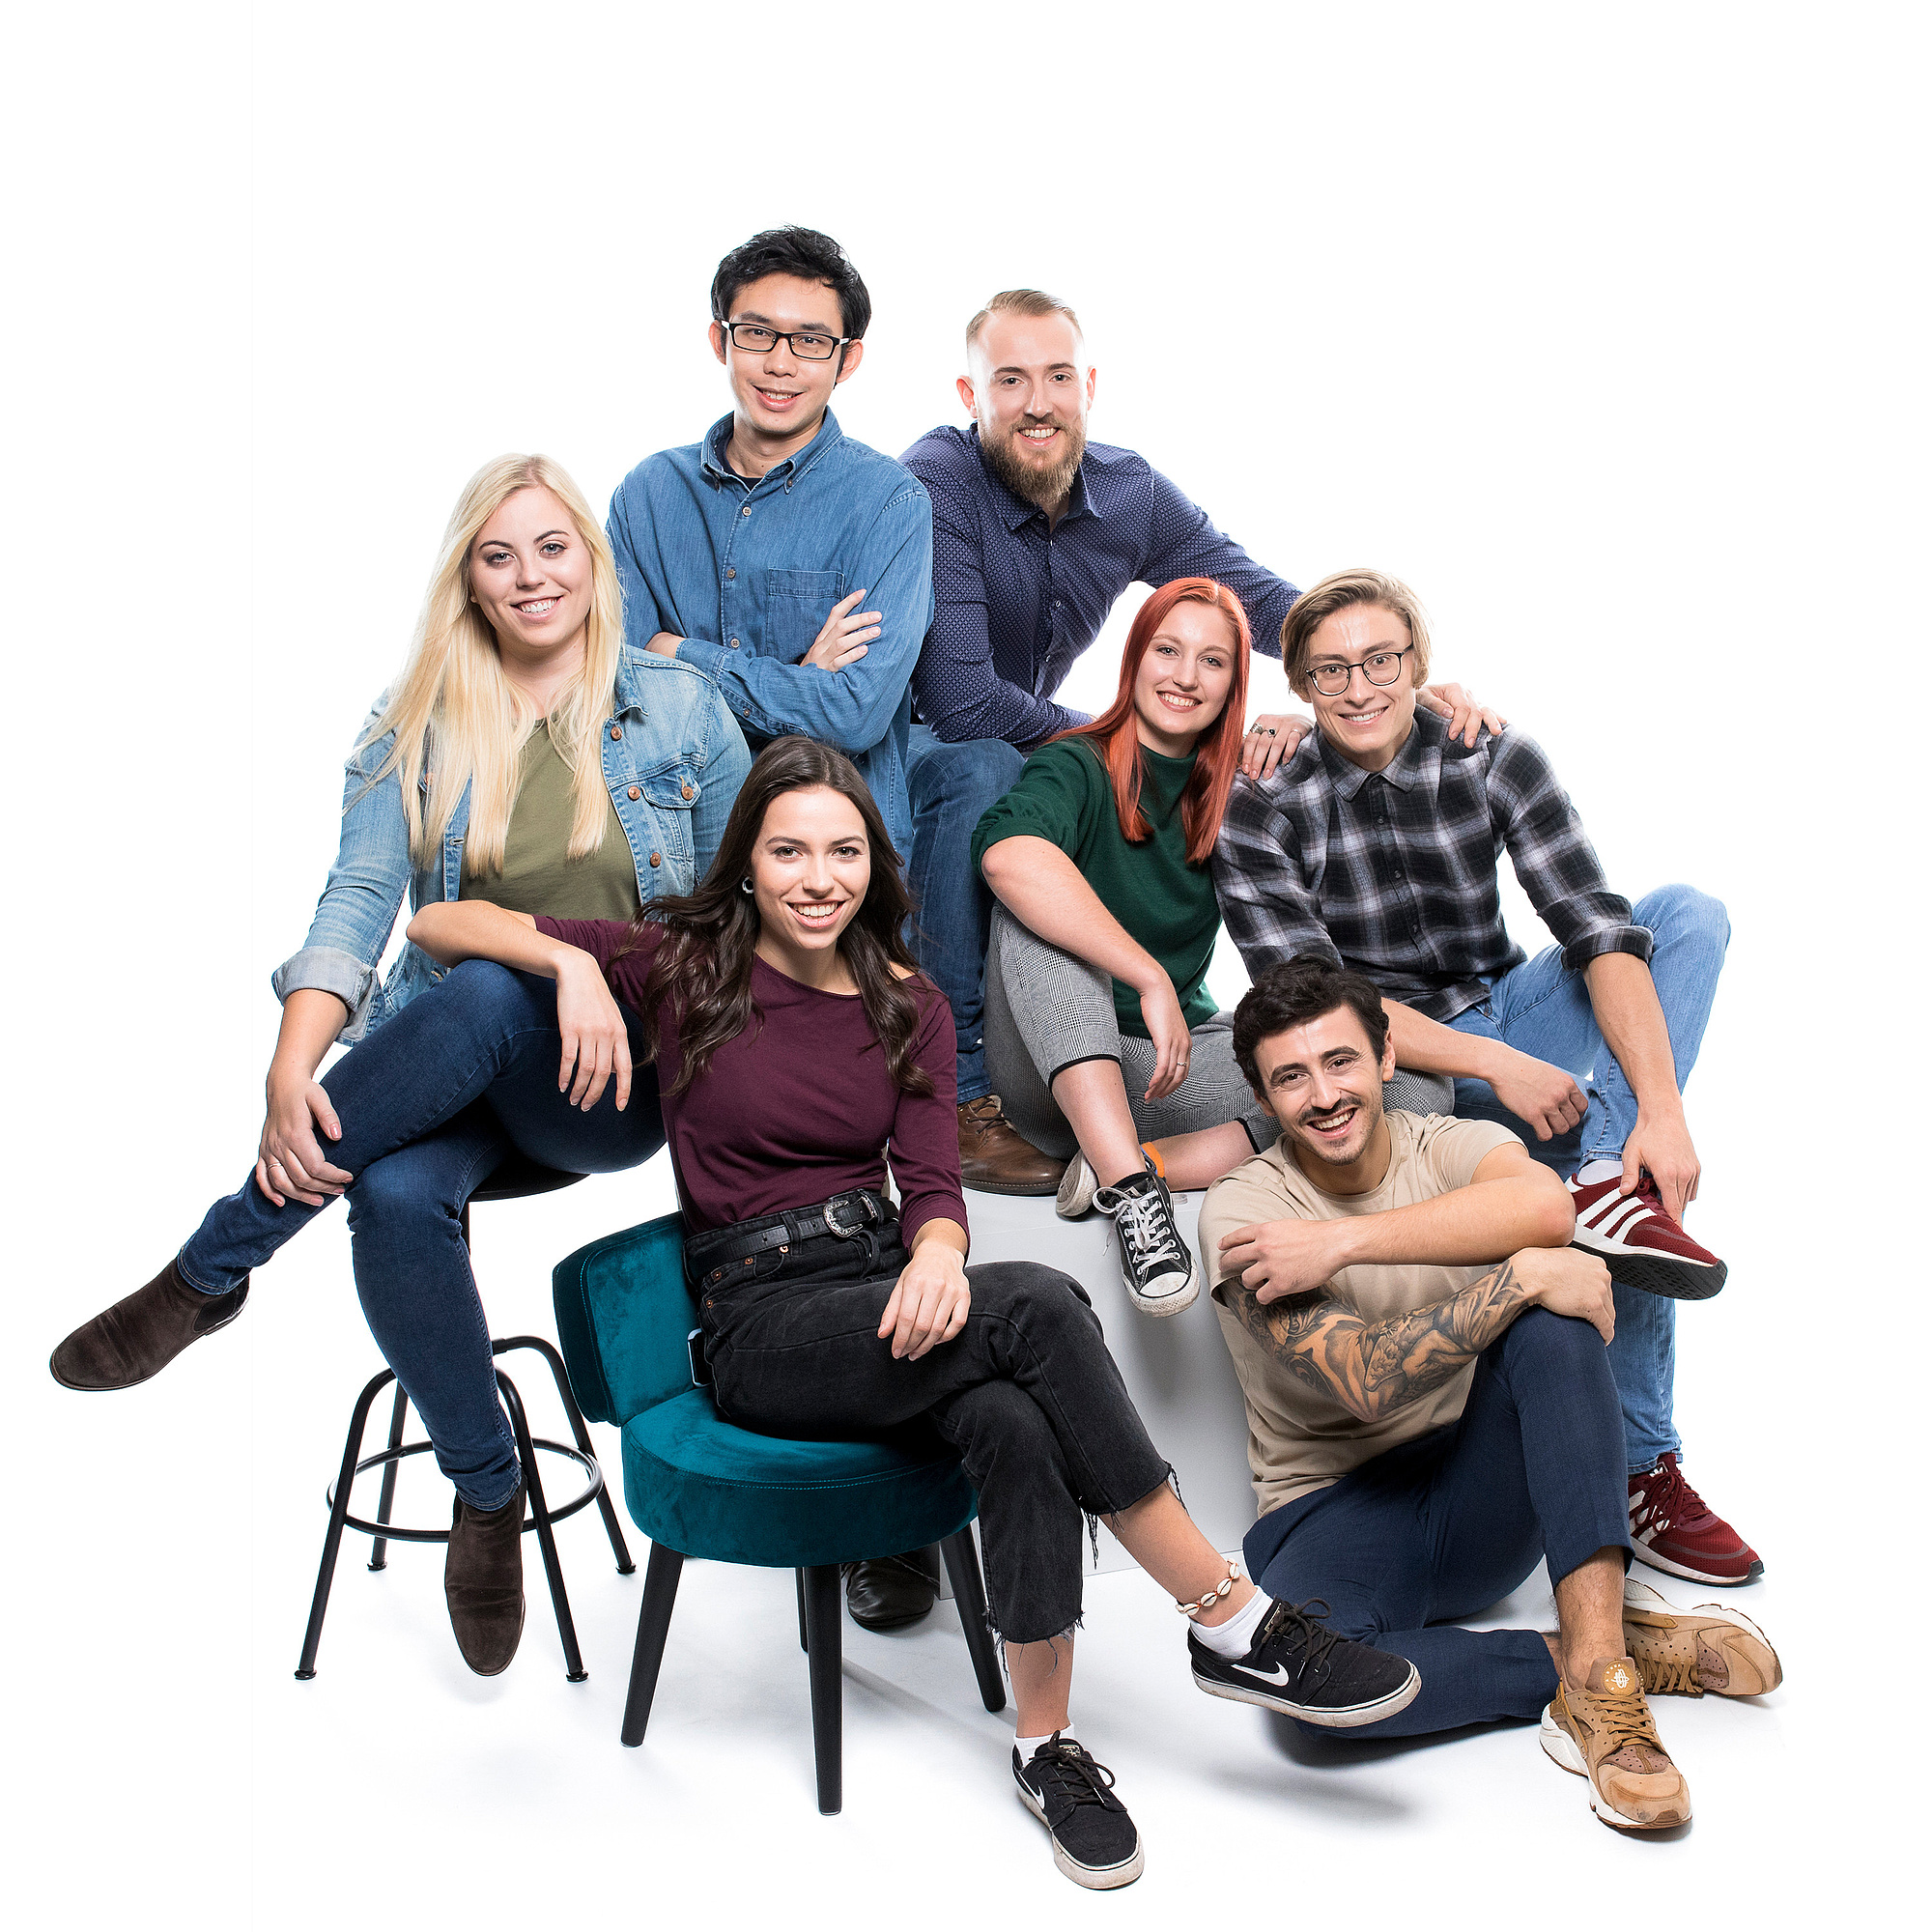 7 junge Leute sitzen auf Blöcken und halten Gegenstände wie ein Notebook, ein Reagenzglas, ein Betonmodell oder eine Platine in der Hand.